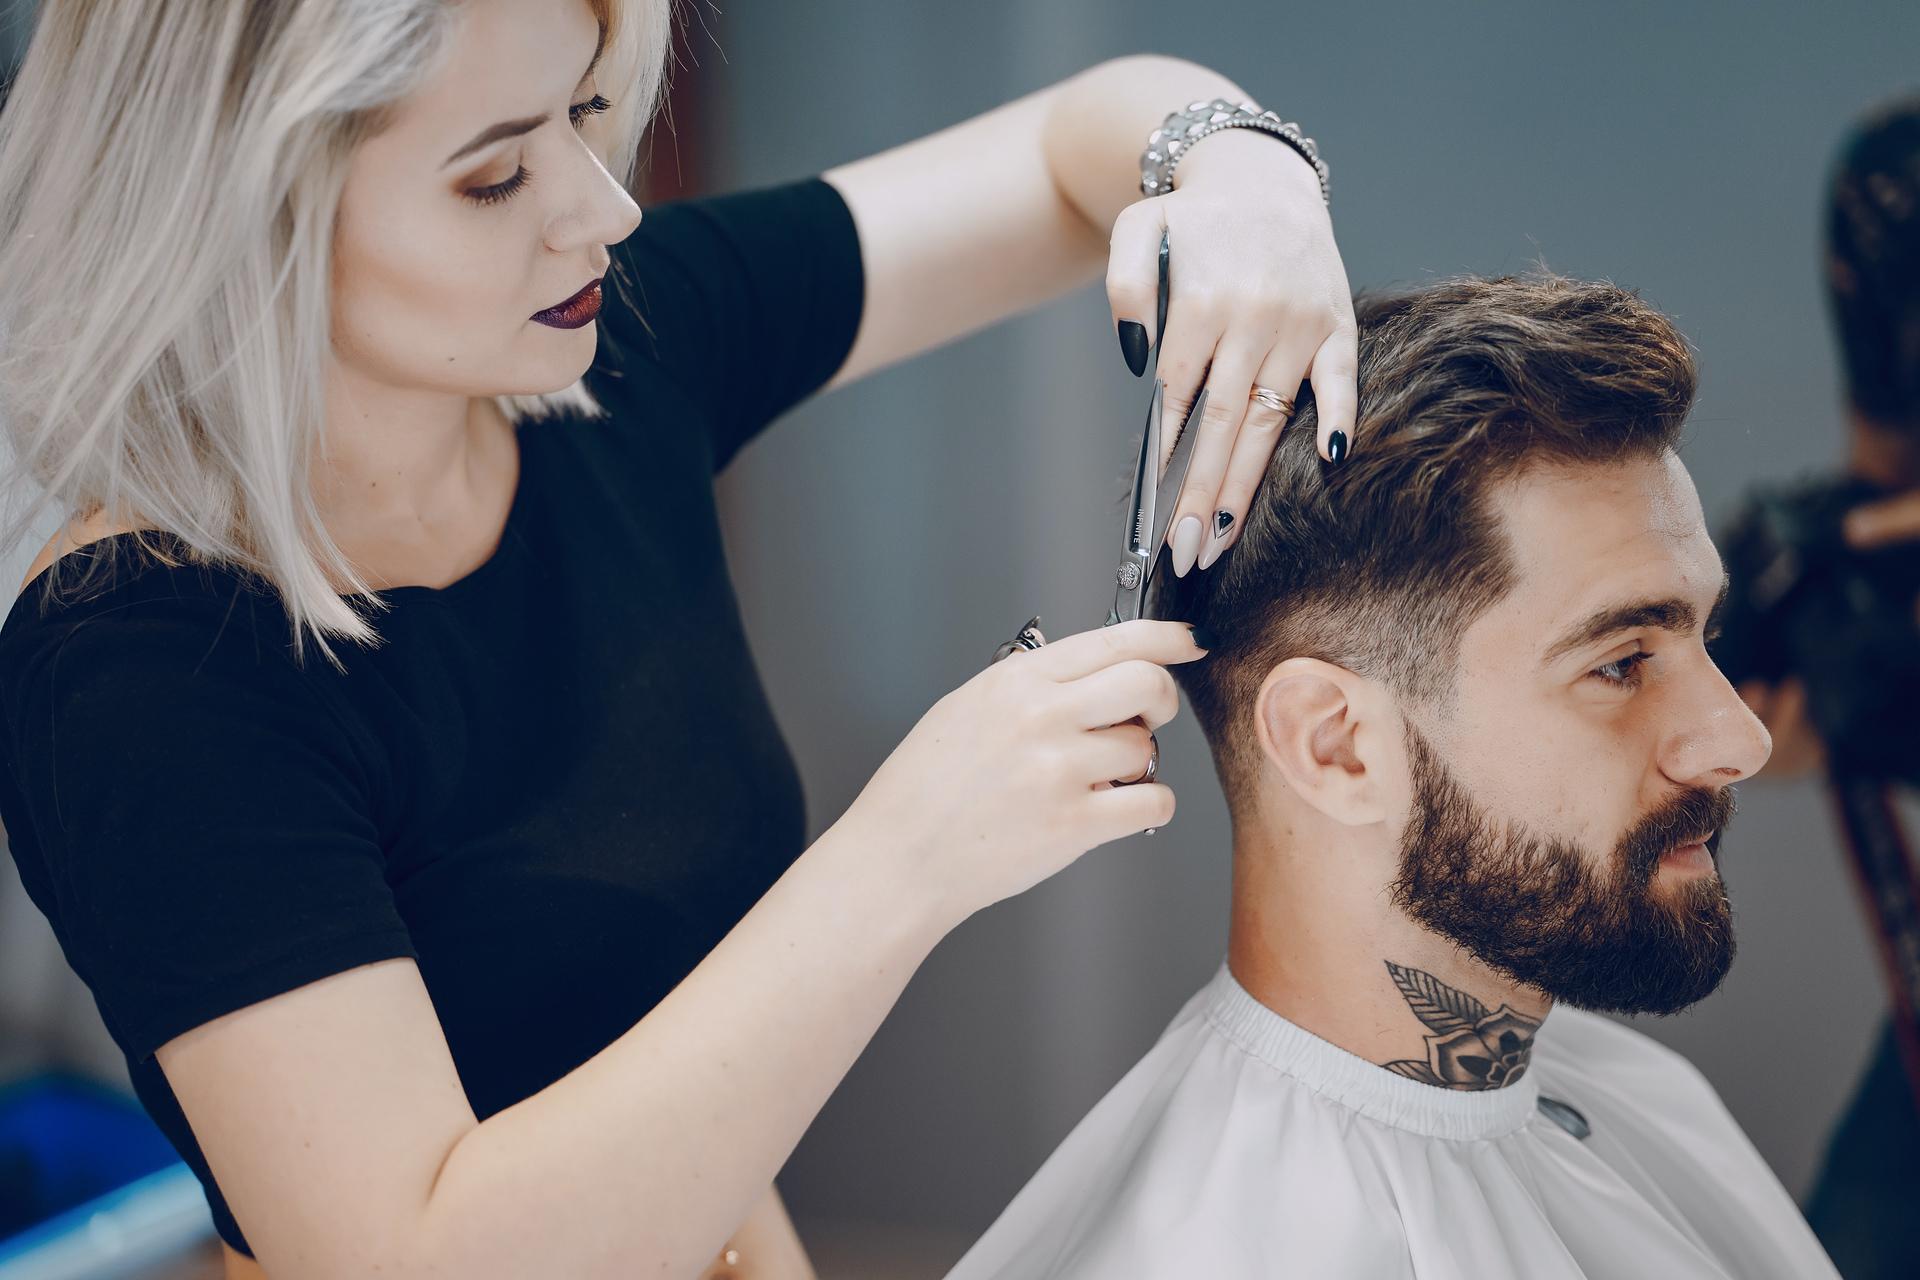 парикмахерская картинки мужчине около ста видов